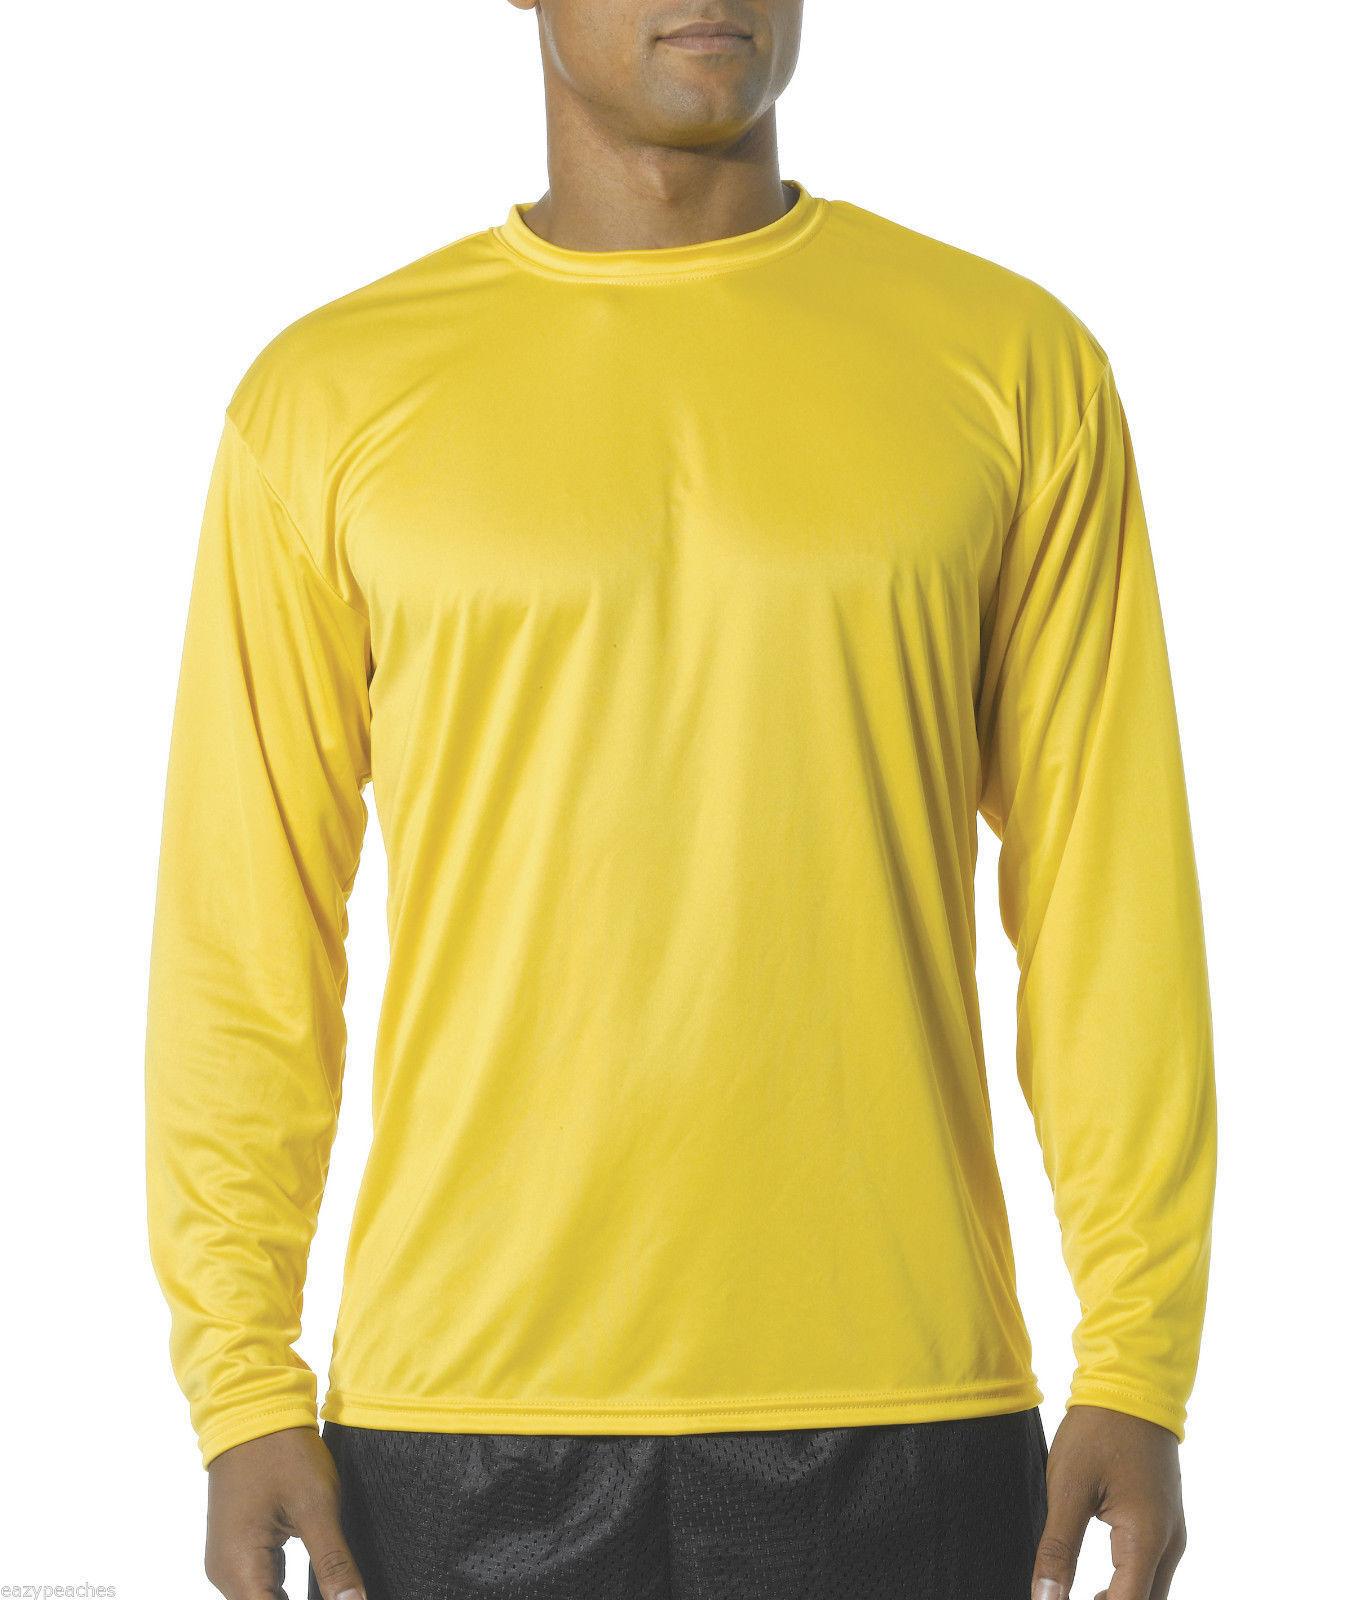 1a69f16d NEW Men's SPORT TEK Dri-Fit Big & Tall Long Sleeve T-SHIRT LT-4XLT  TST350LS. Click to Enlarge